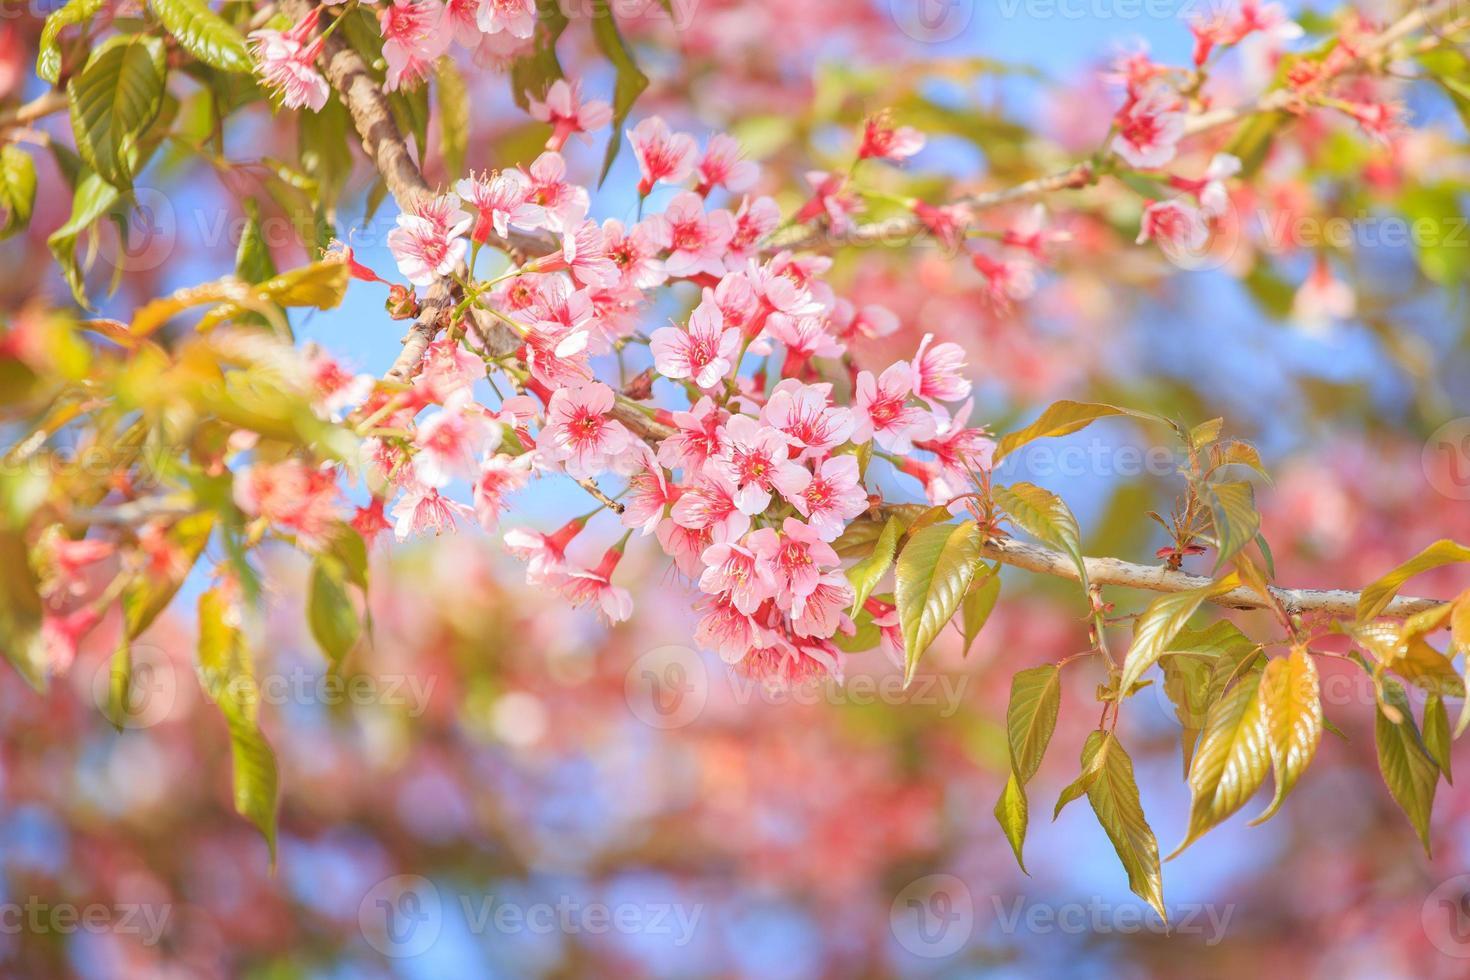 bellissimo fiore di ciliegio foto